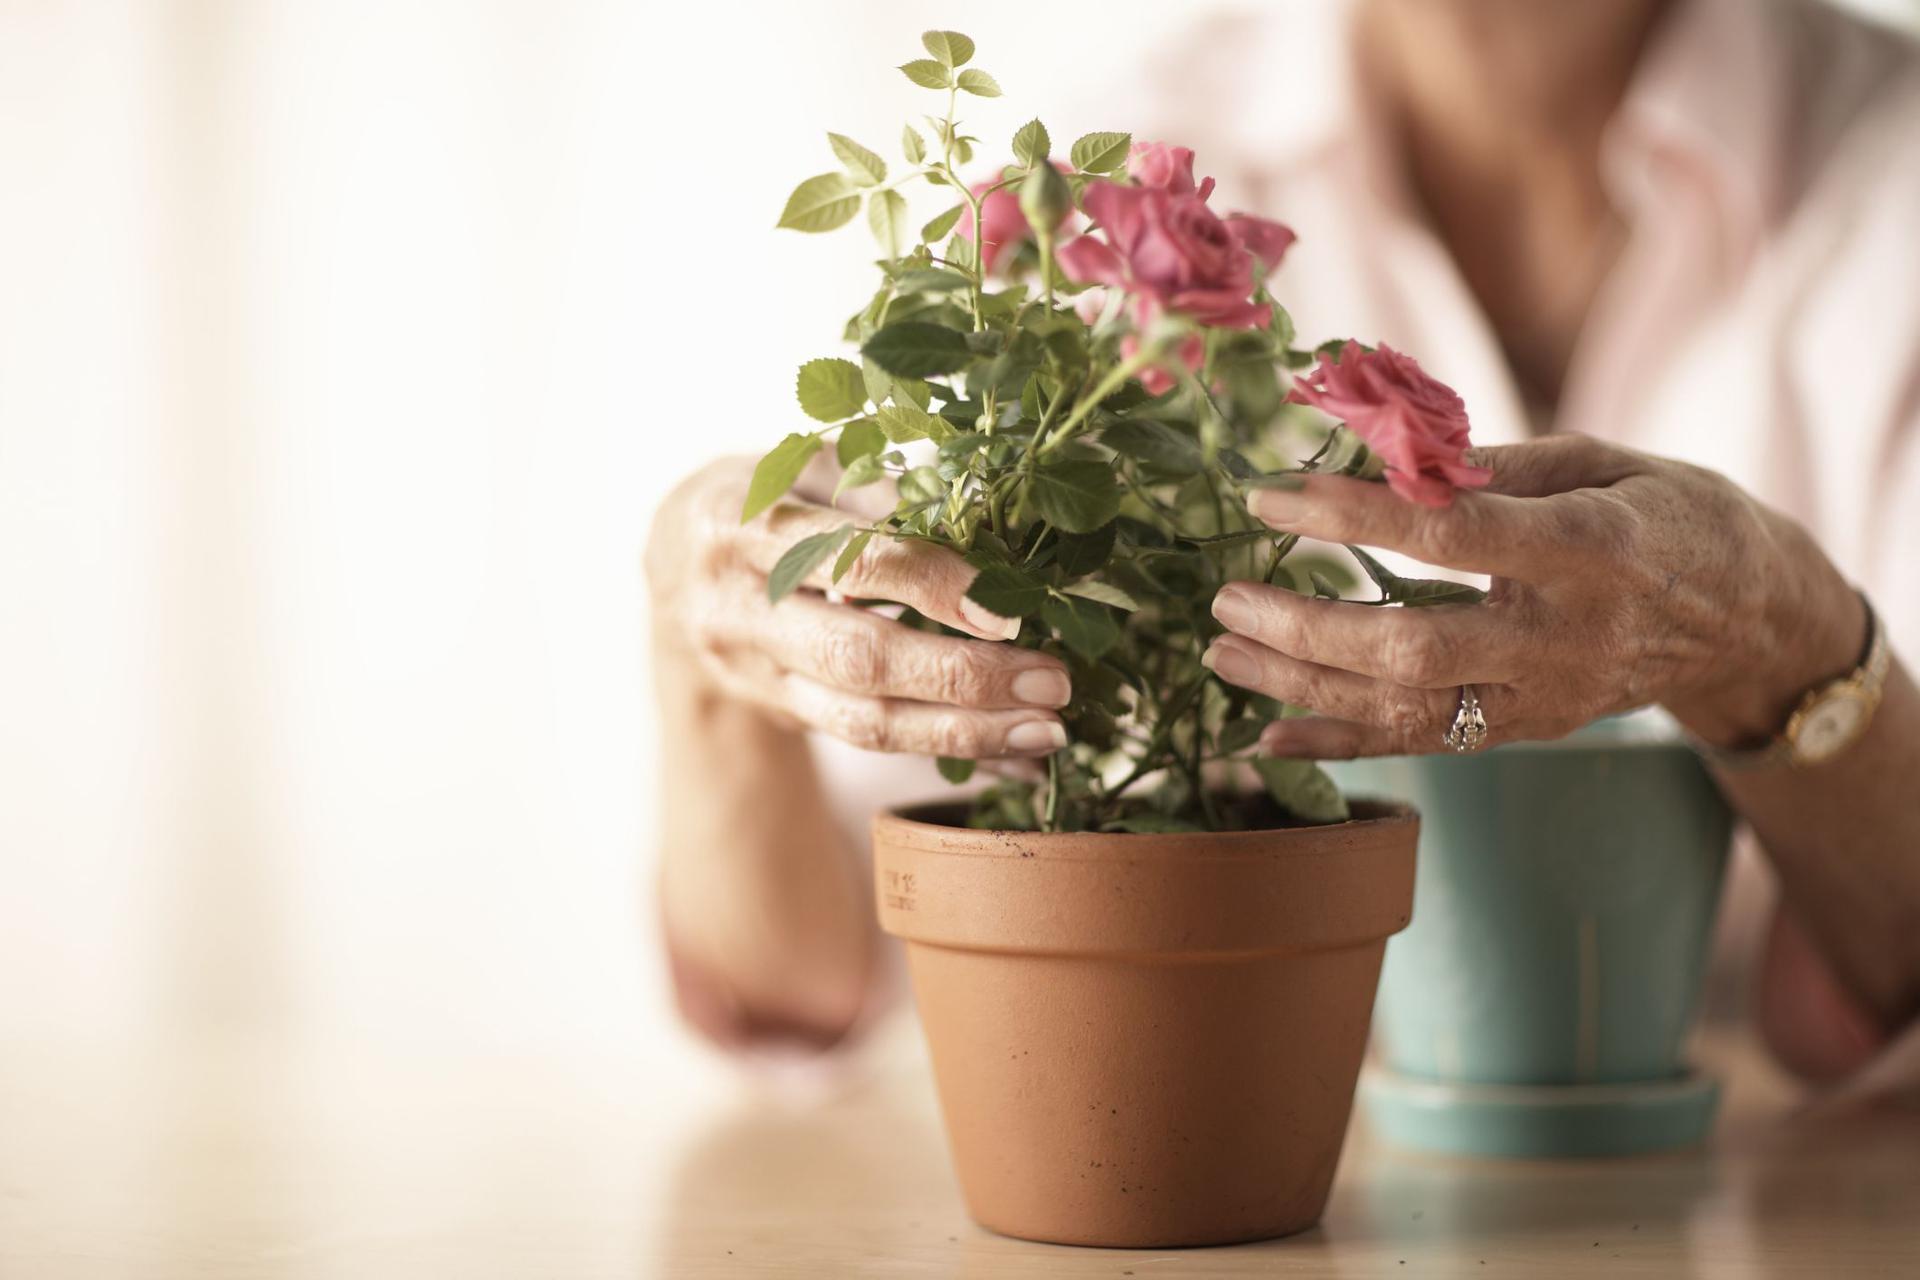 Kwiaty Doniczkowe Maja Pozytywny Wplyw Na Zdrowie Poradnikzdrowie Pl